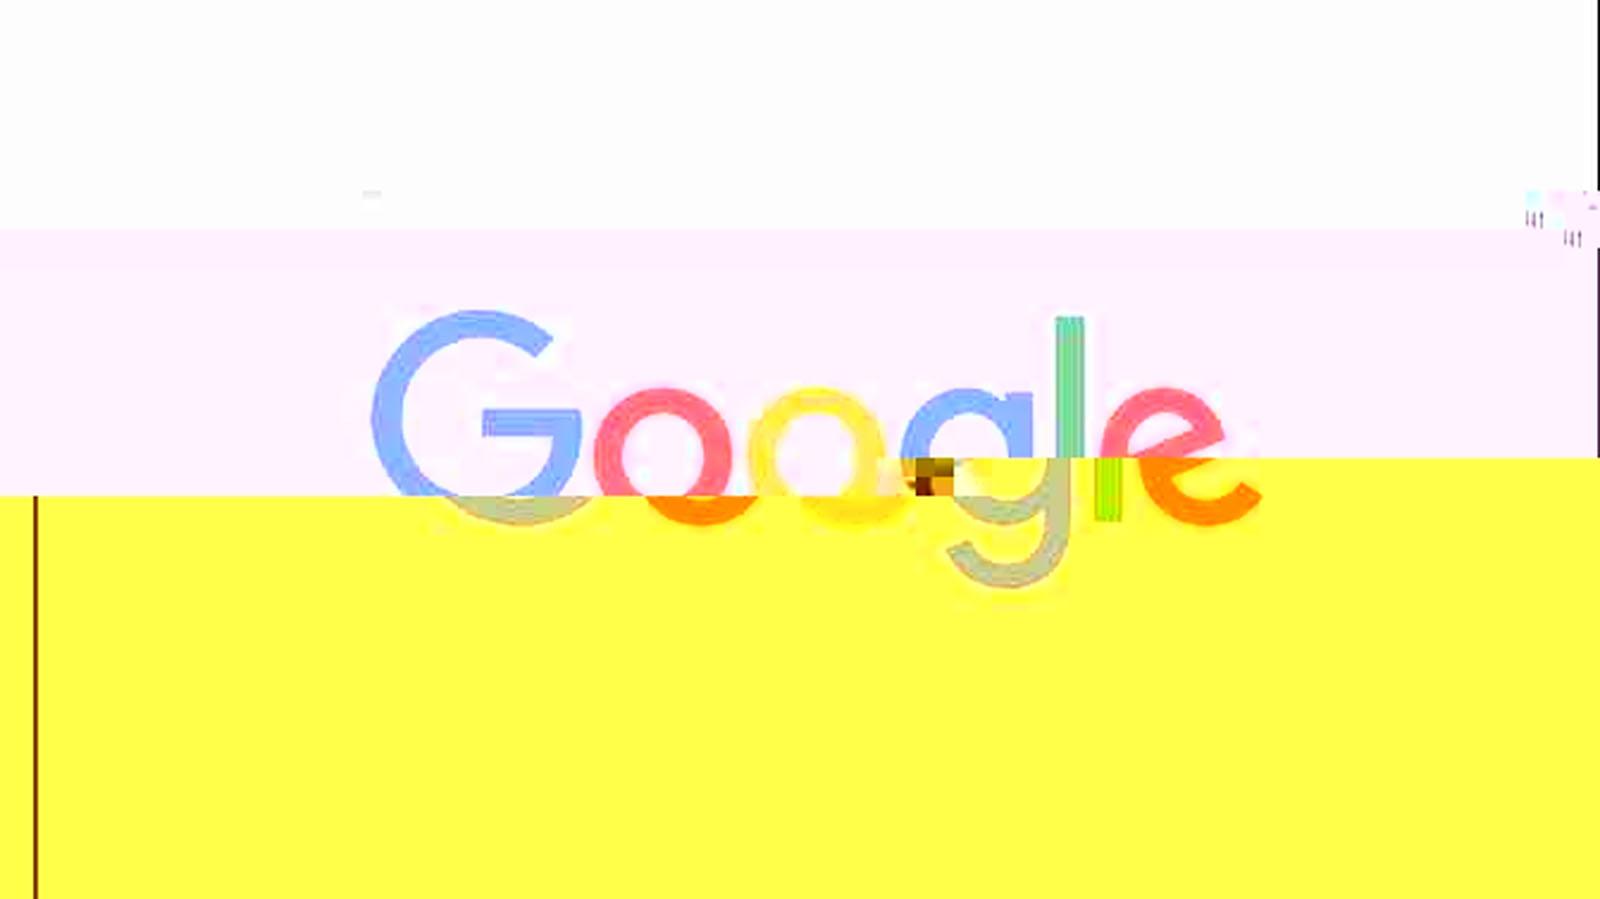 US Justice Department files landmark legal case against Google